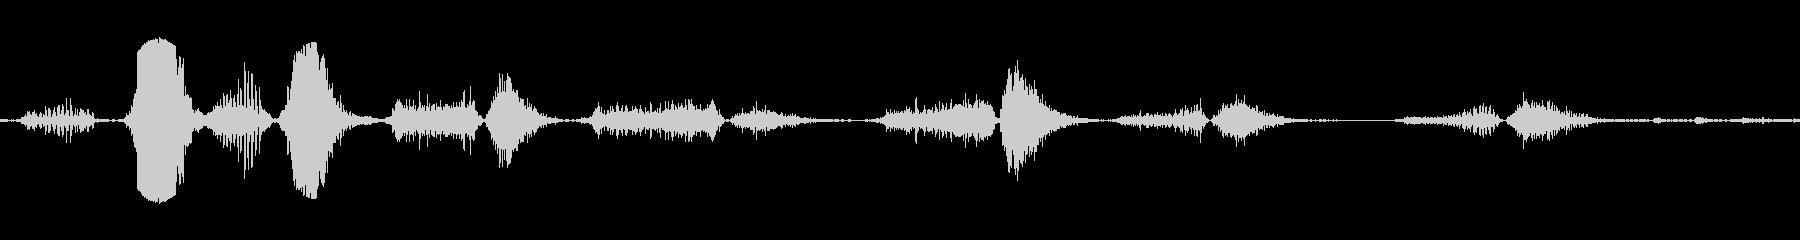 タイガーブレスロア攻撃いびきの未再生の波形